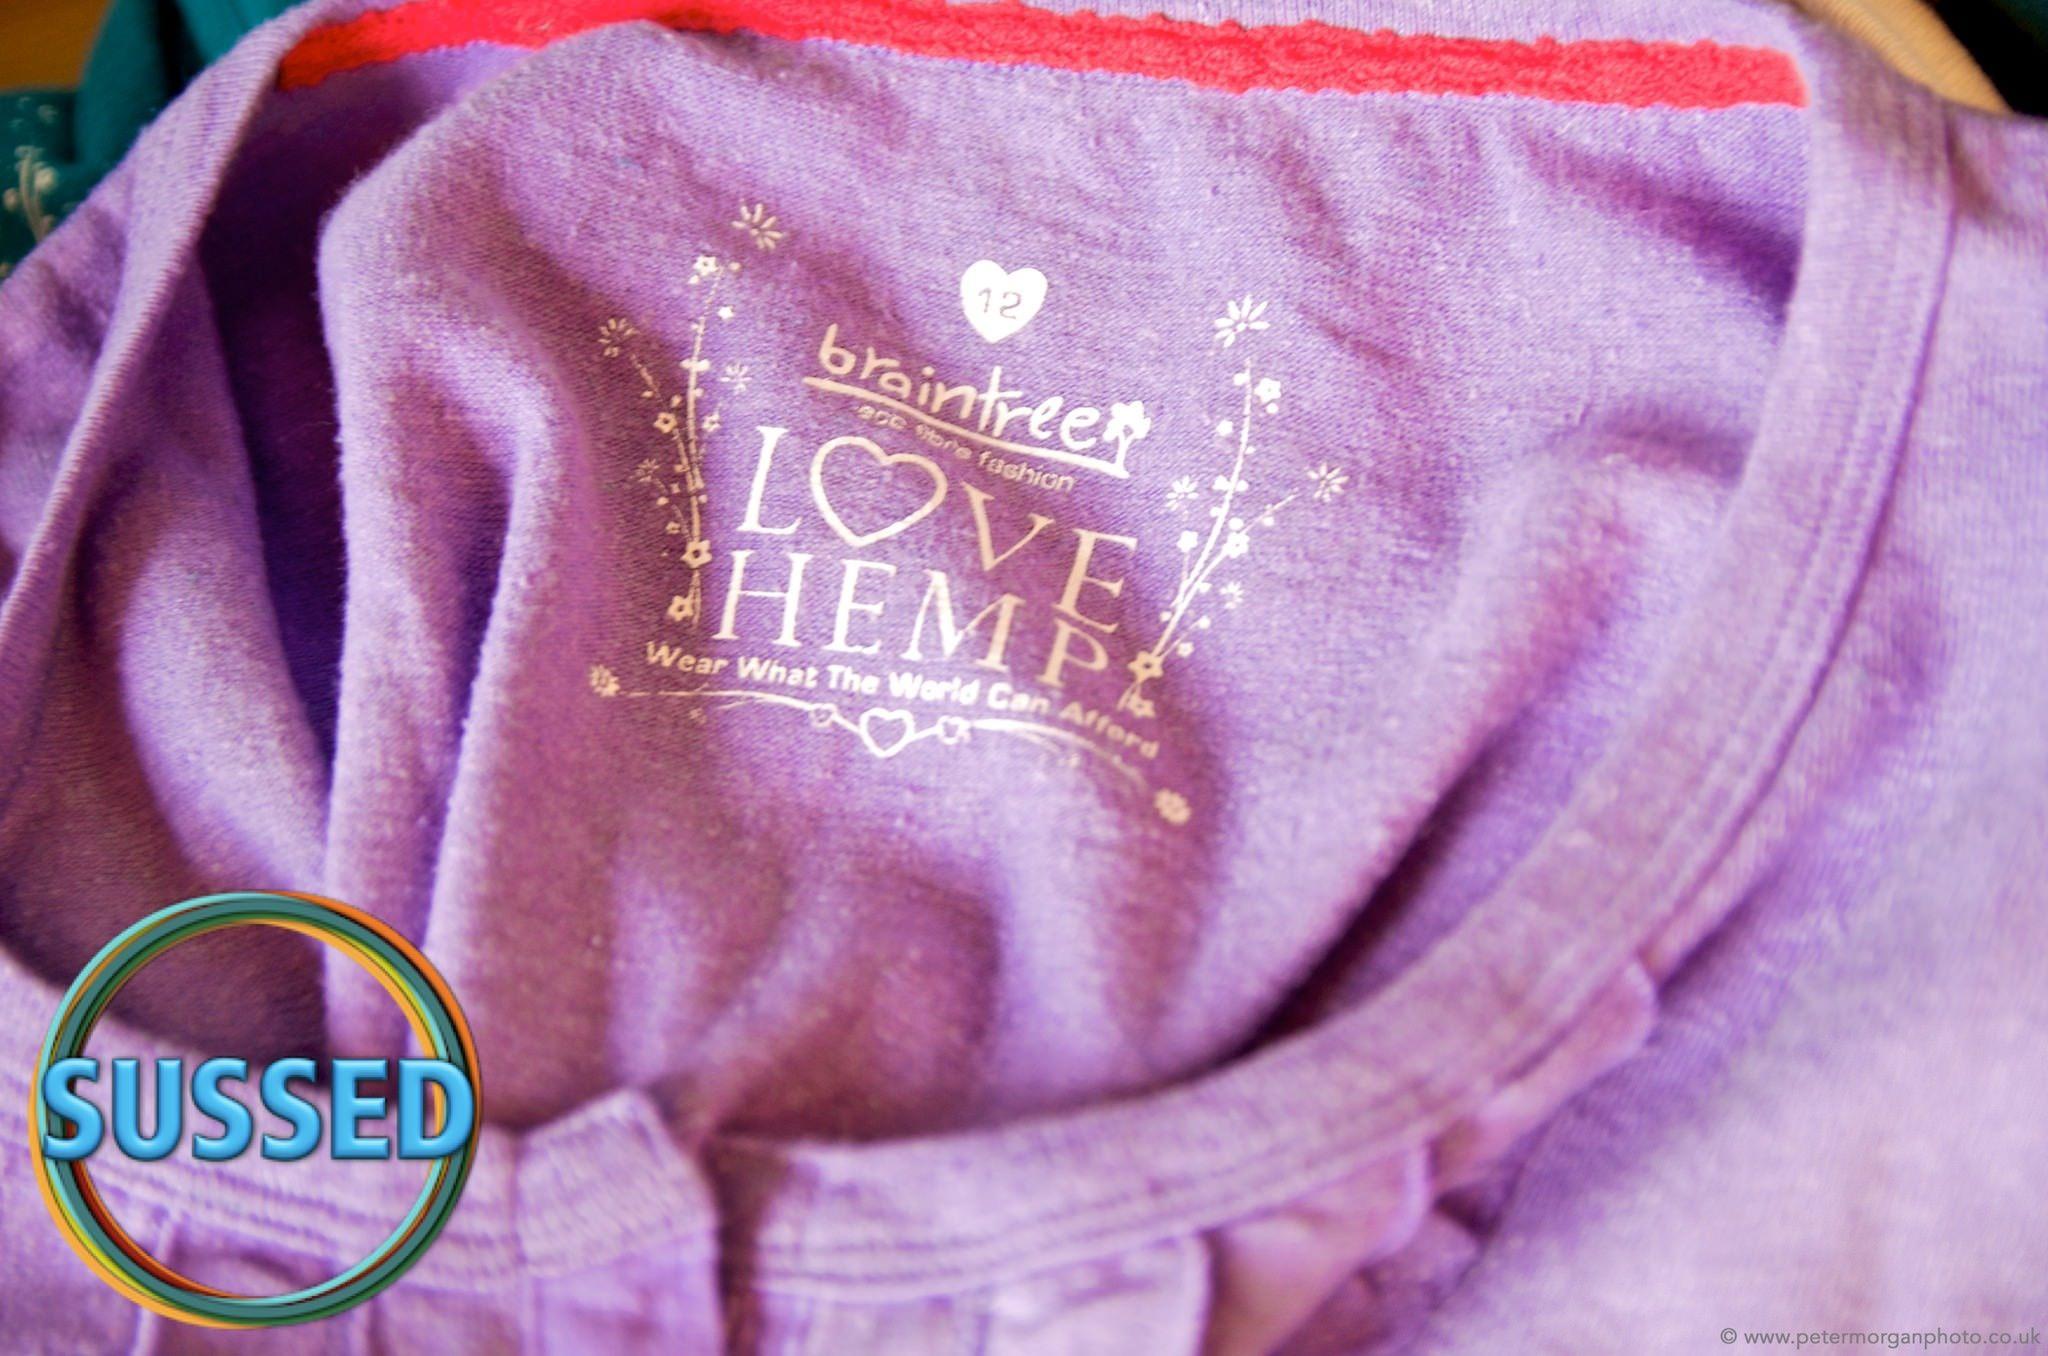 Love Hemp!